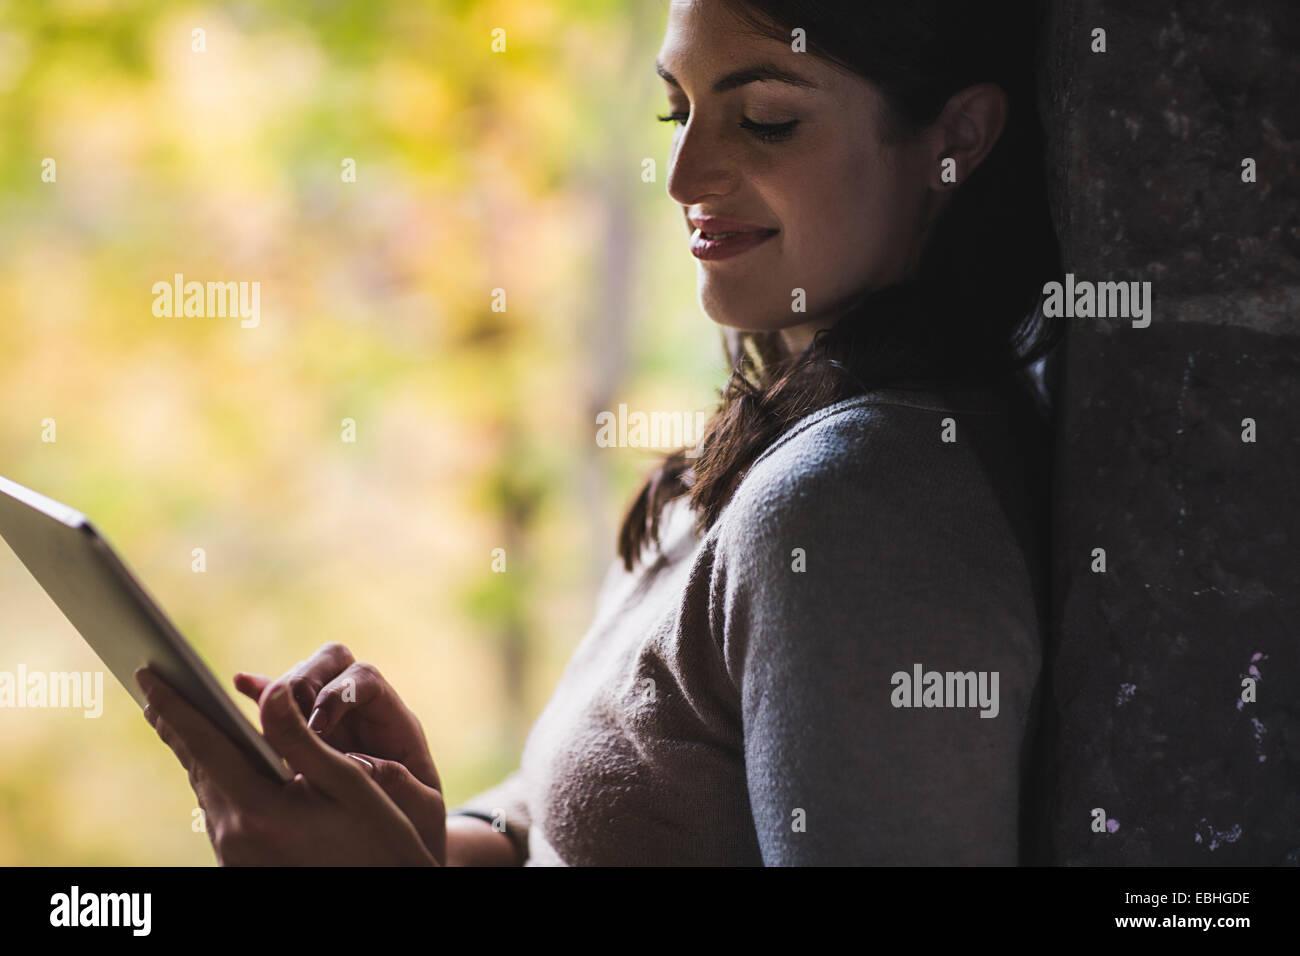 Giovane donna appoggiata contro la parete mediante schermo tattile sulla tavoletta digitale Immagini Stock